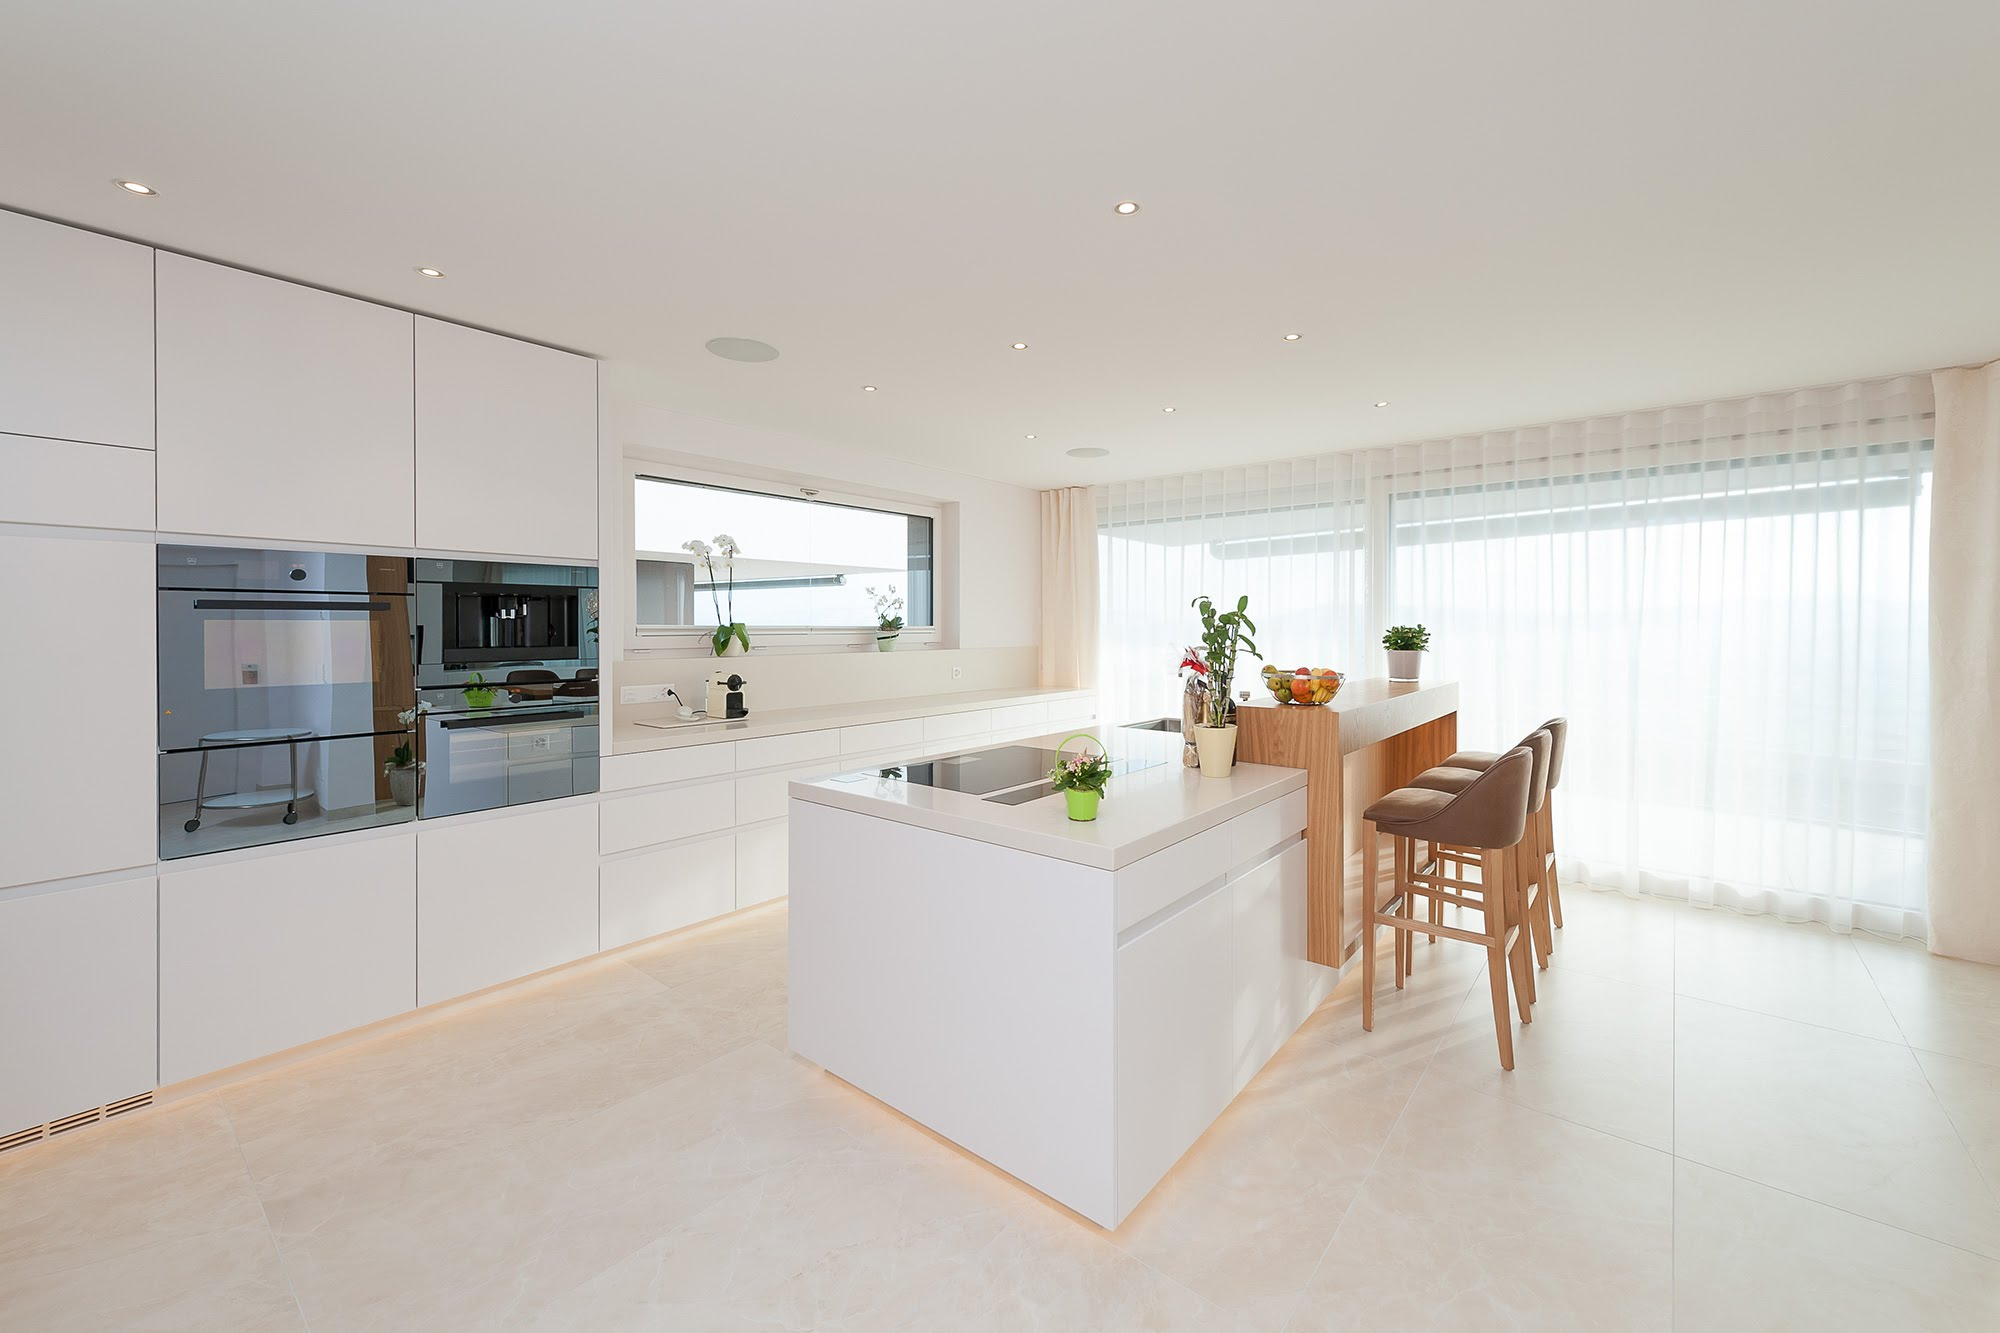 Offene Küche in Schenkon - Küchen & Küchenumbau-Küchen werden immer mehr zum Ort der Begegnung - Sursee, Willisau, Aargau, Zentralschweiz, Luzern, Zofingen